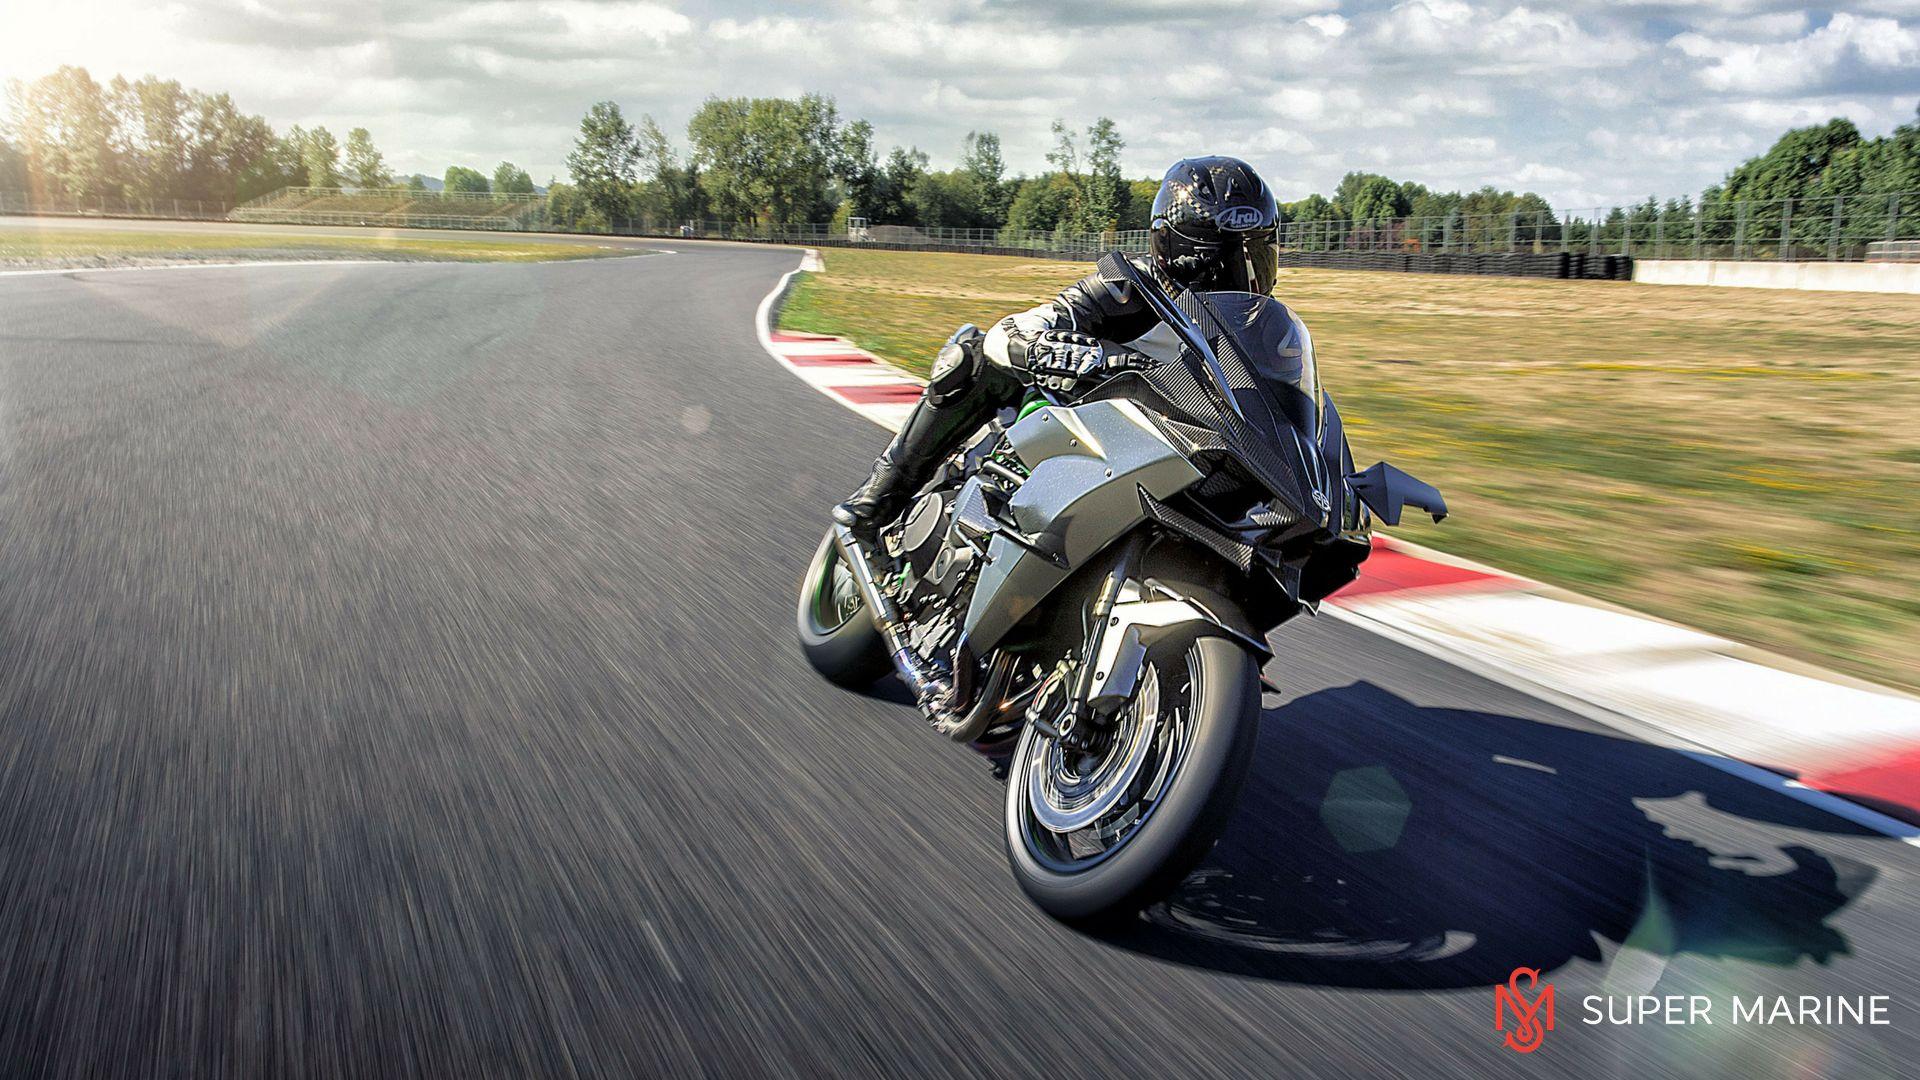 Мотоцикл Kawasaki Ninja H2R Серый 2020 - 7